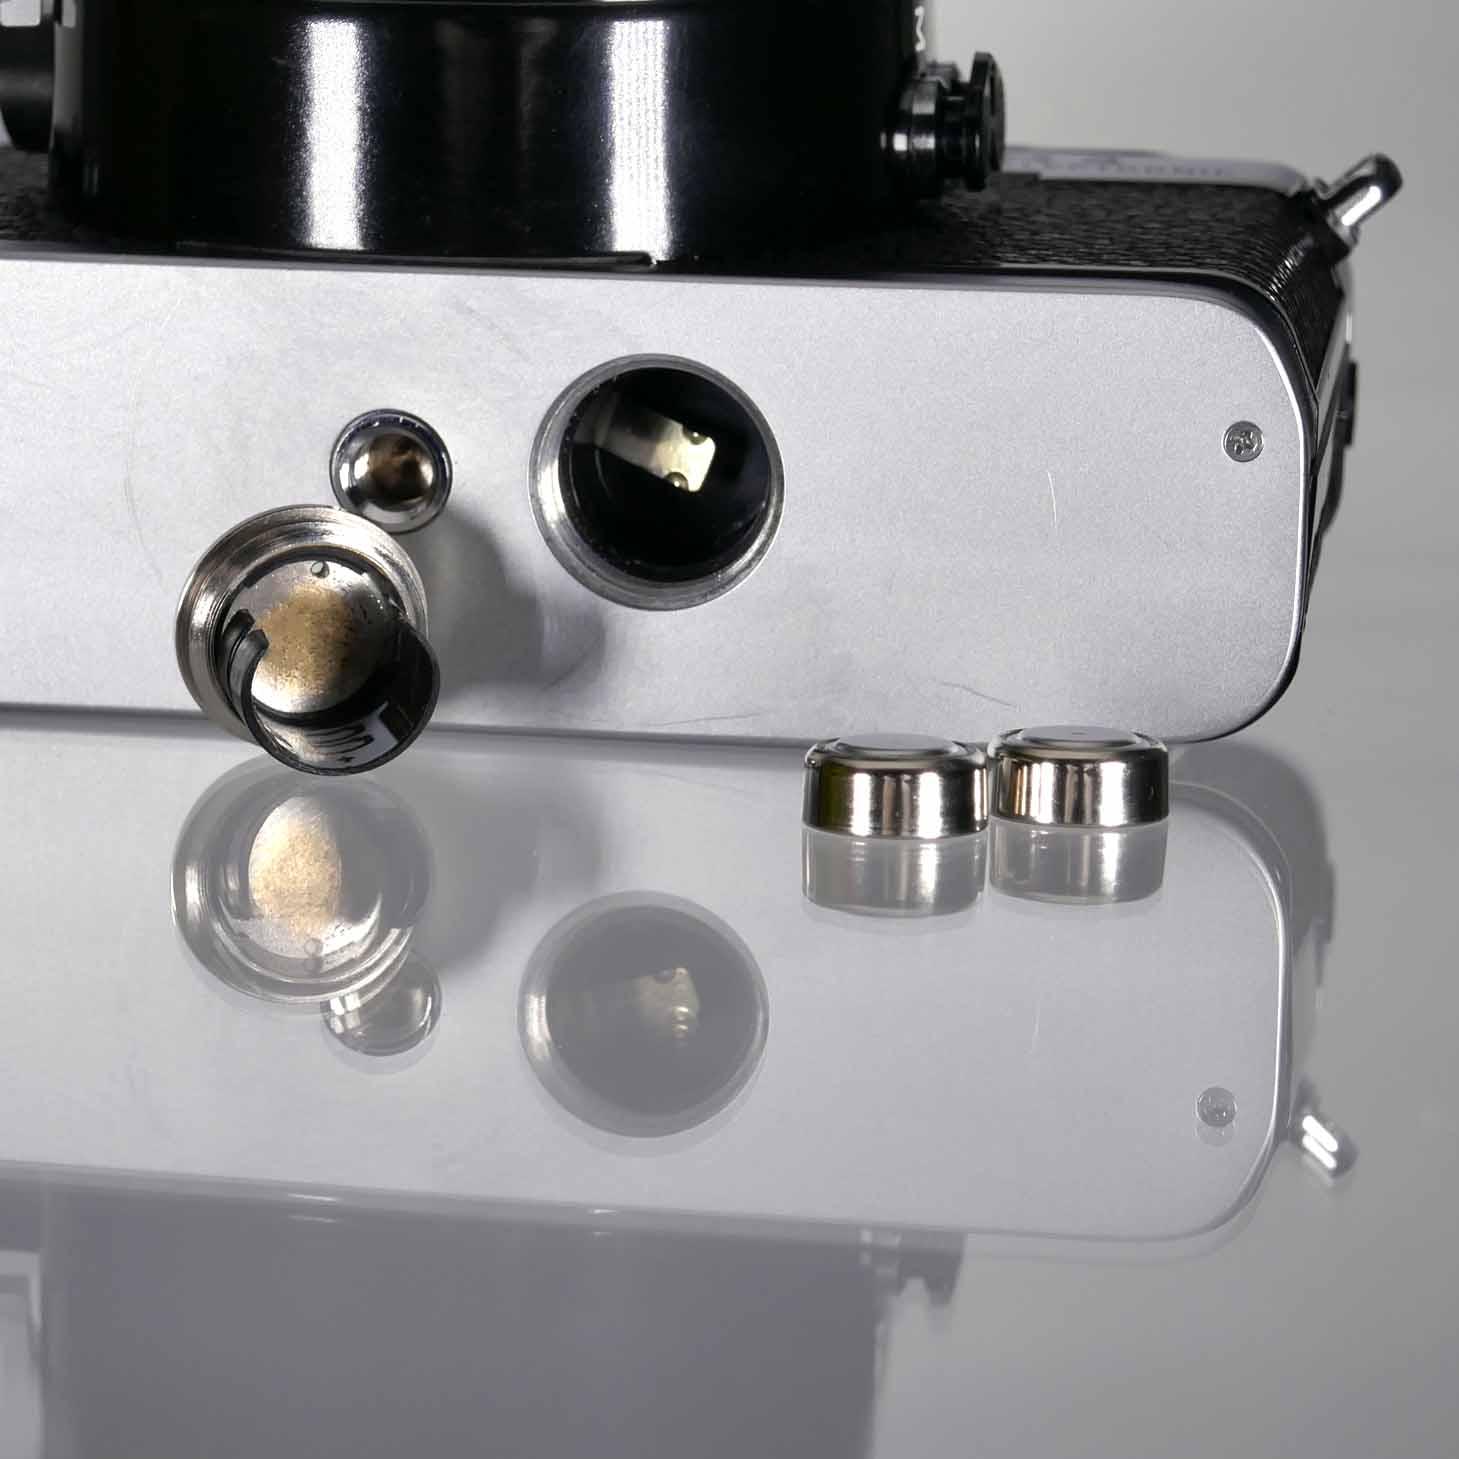 clean-cameras-Leica-R3-Summicron-50mm-01